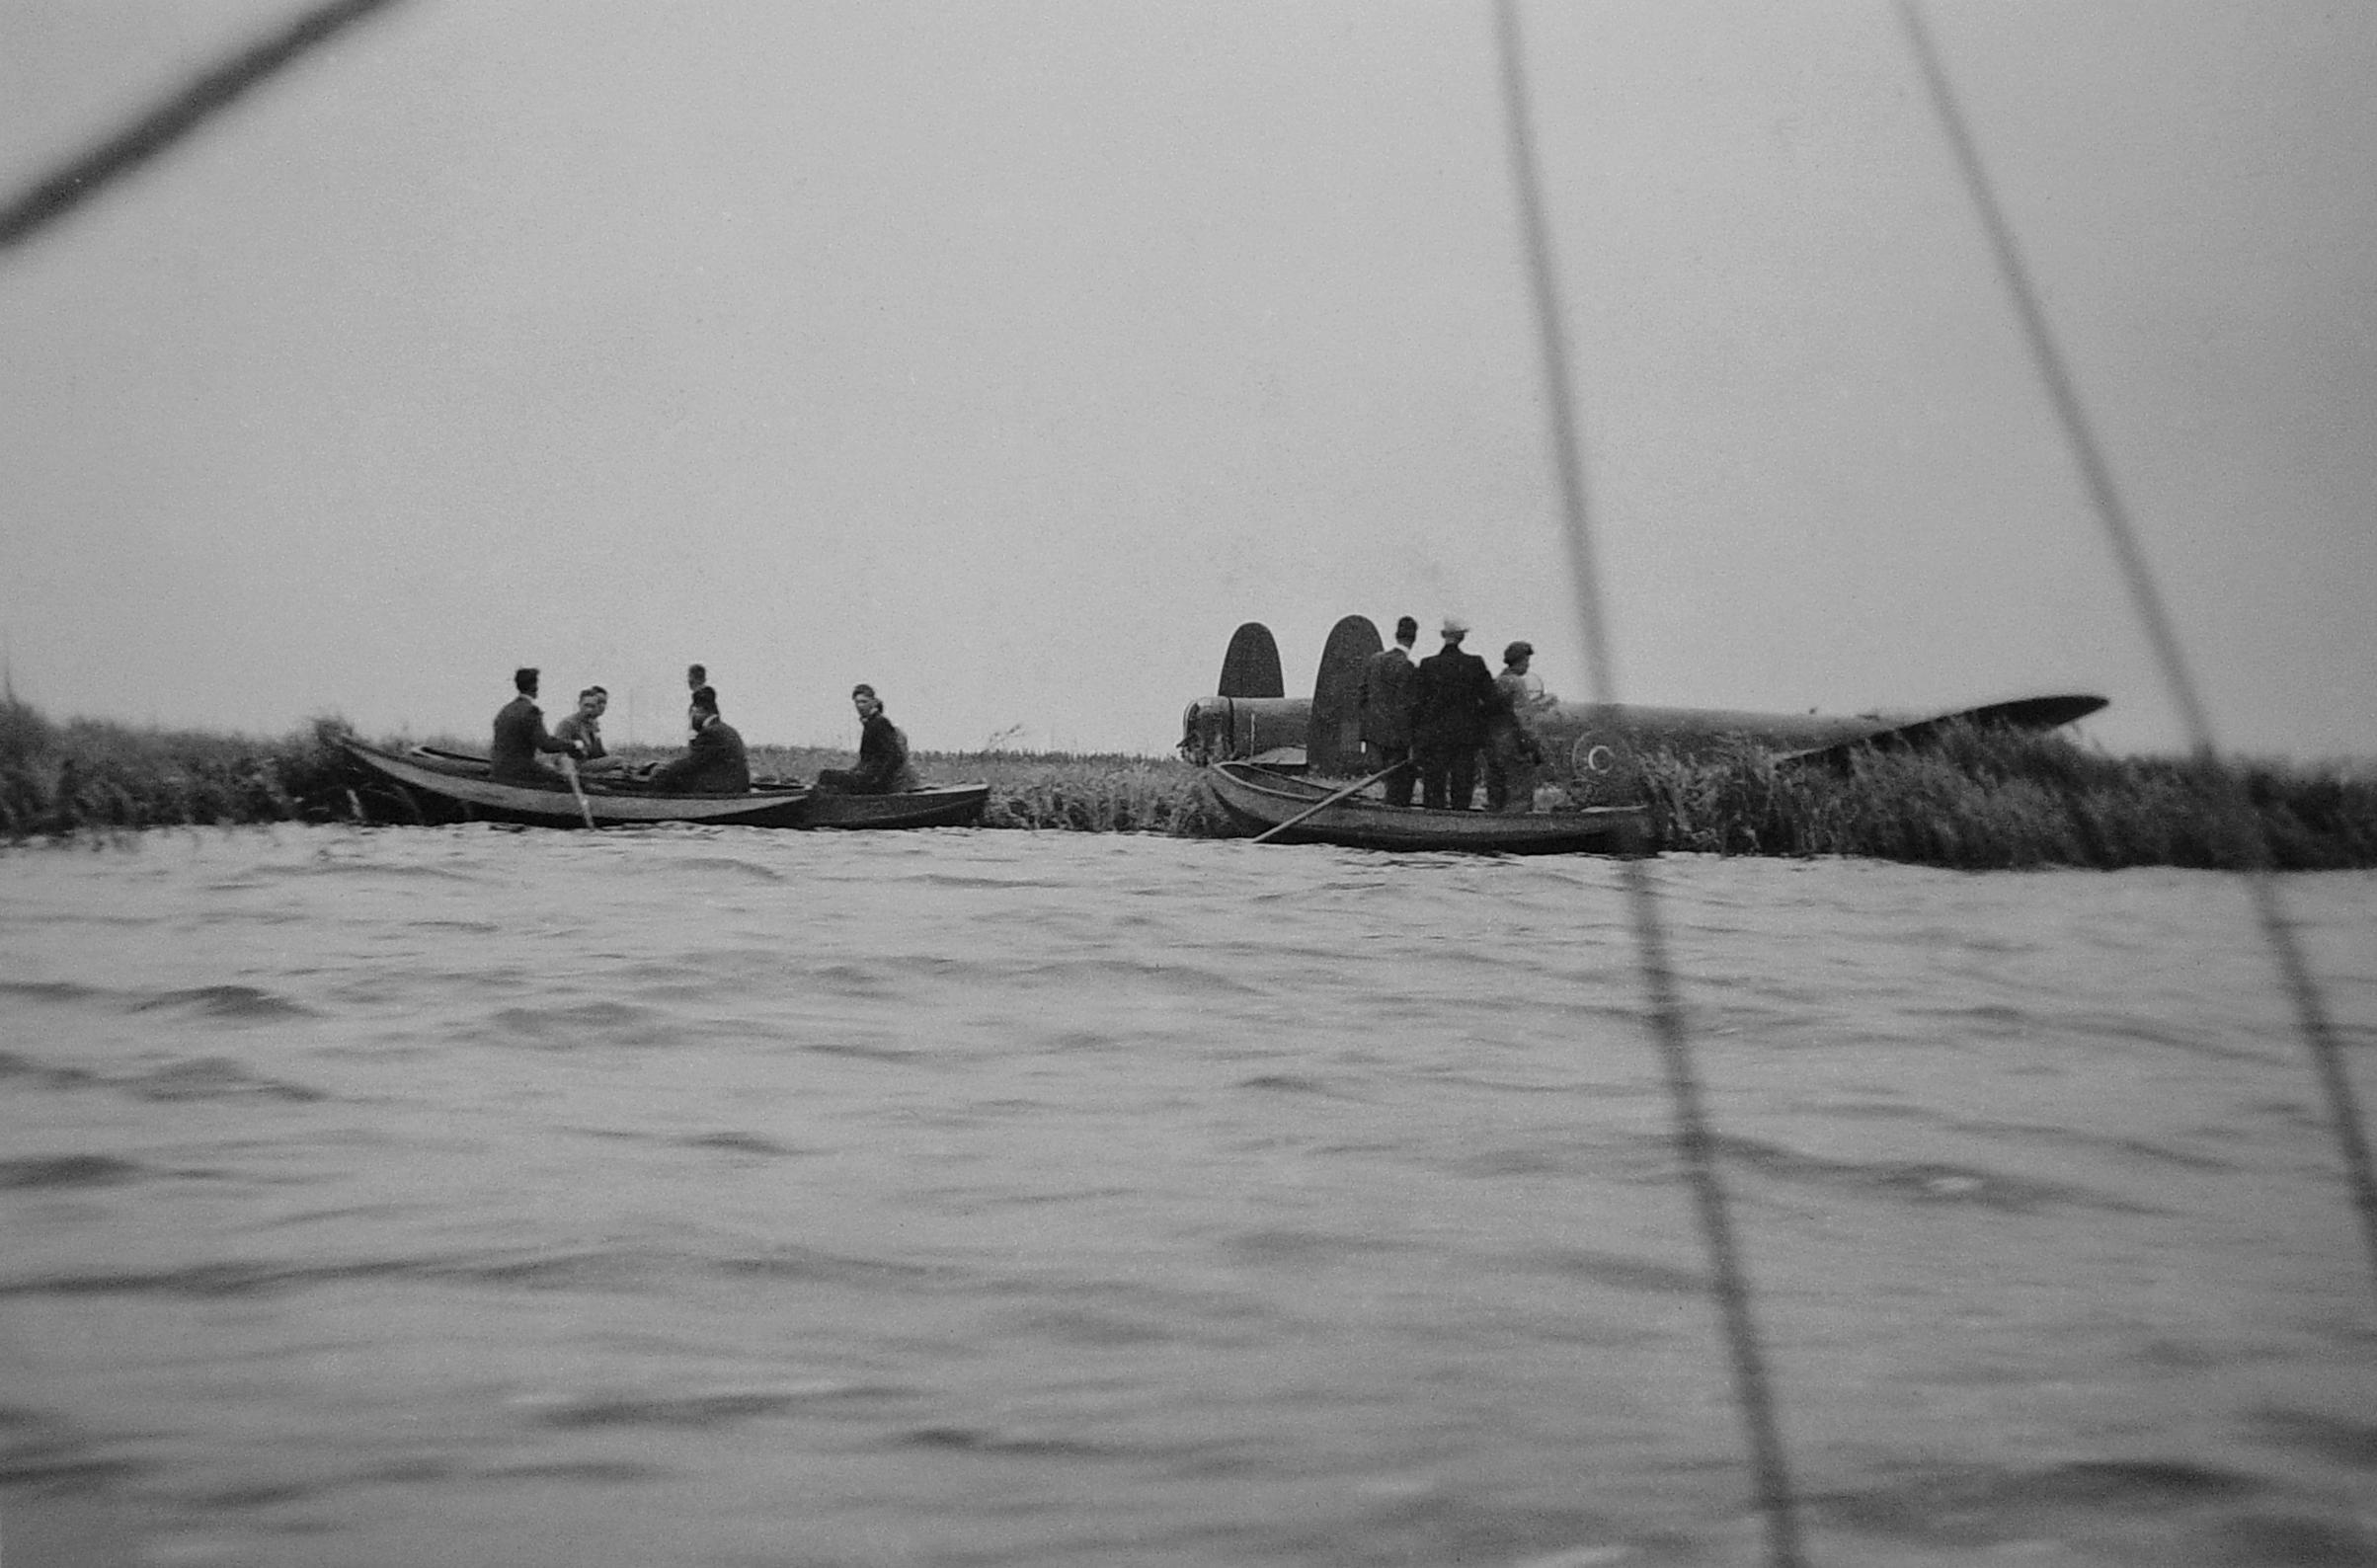 De miraculeuze noodlanding van een bommenwerper op een eiland in de Kager Plassen